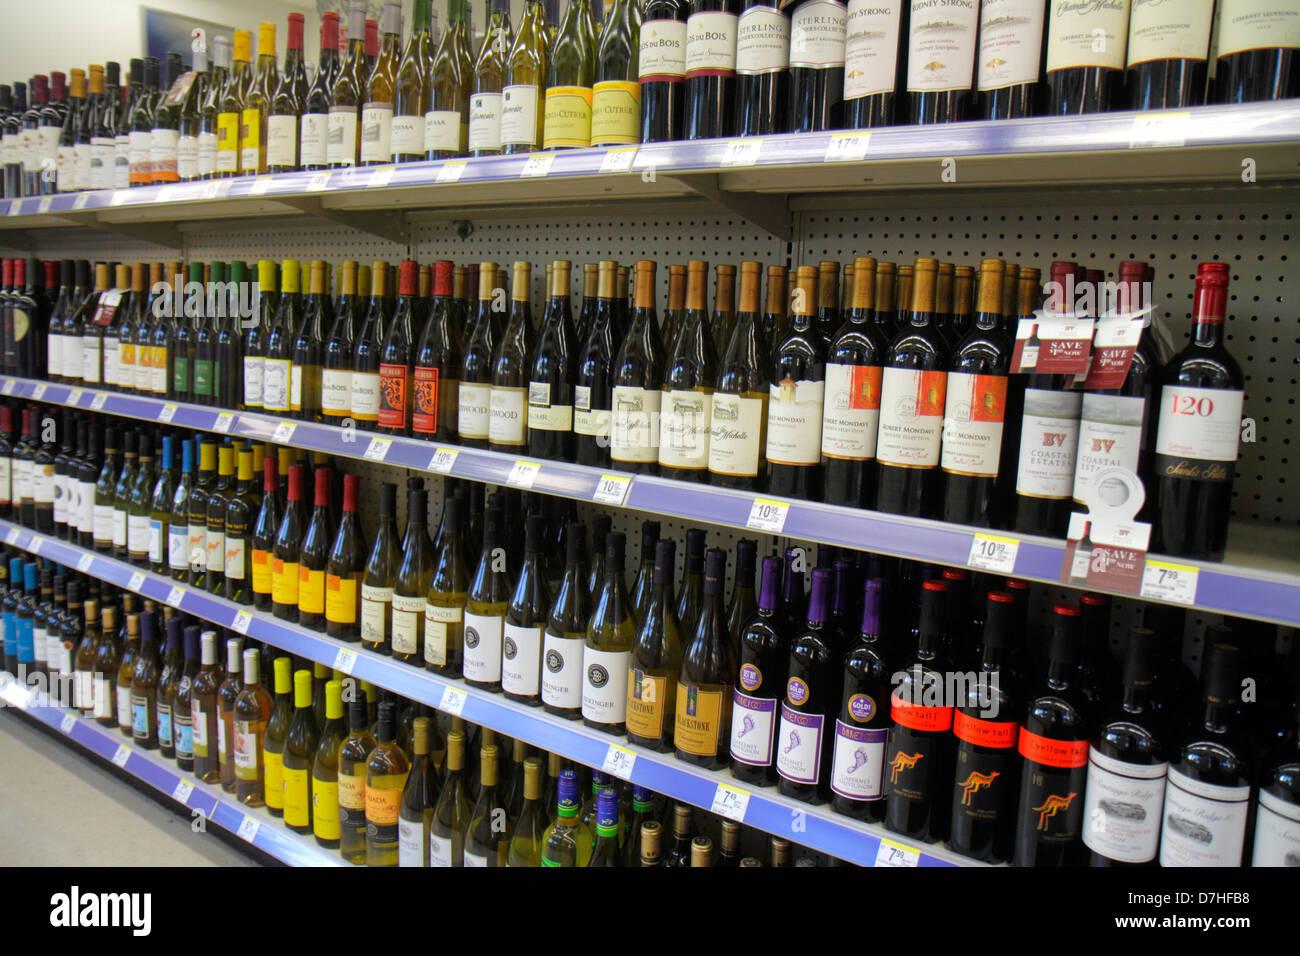 Miami Beach Florida Walgreens Liquor Store Regale Einzelhandel für ...